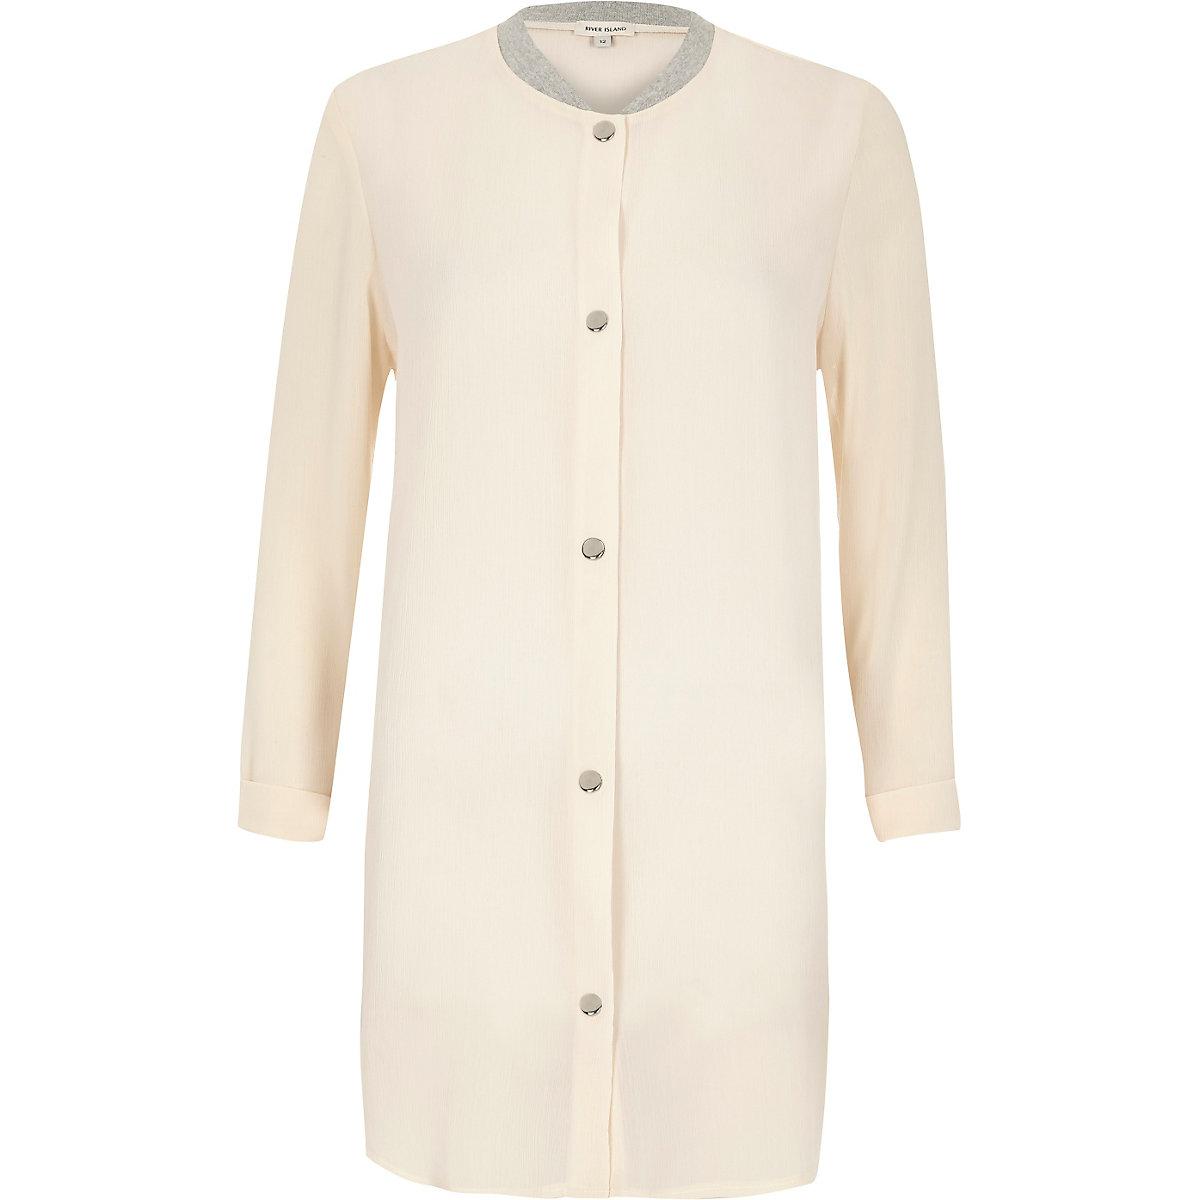 Cream lightweight duster bomber coat